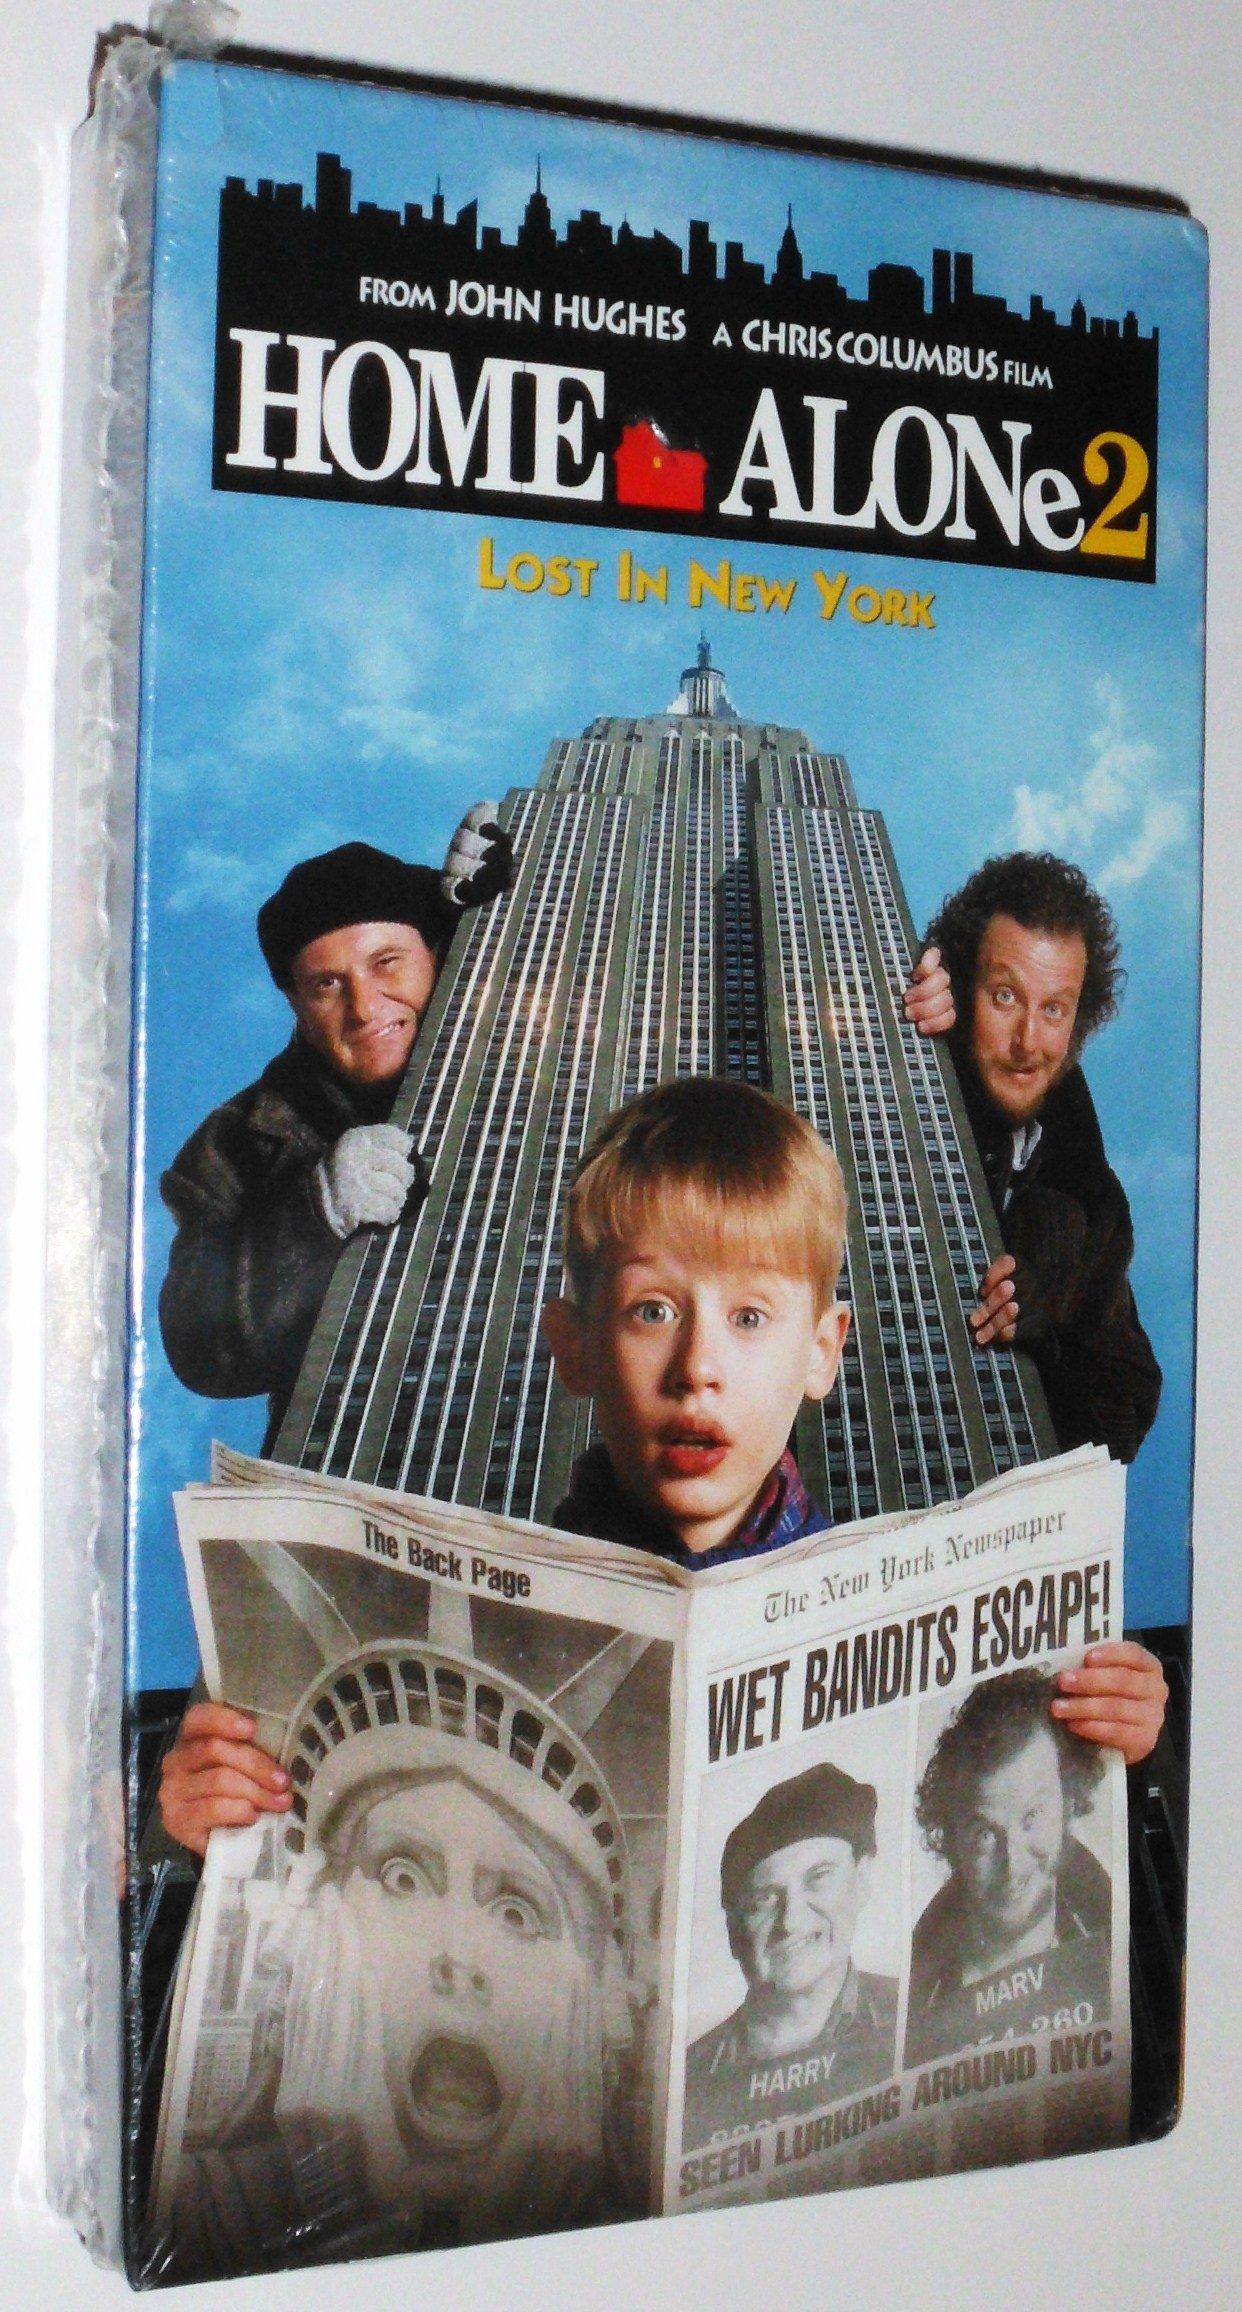 Home Alone 2 Lost In New York Vhs John Hughes 9780793919895 Amazon Com Books